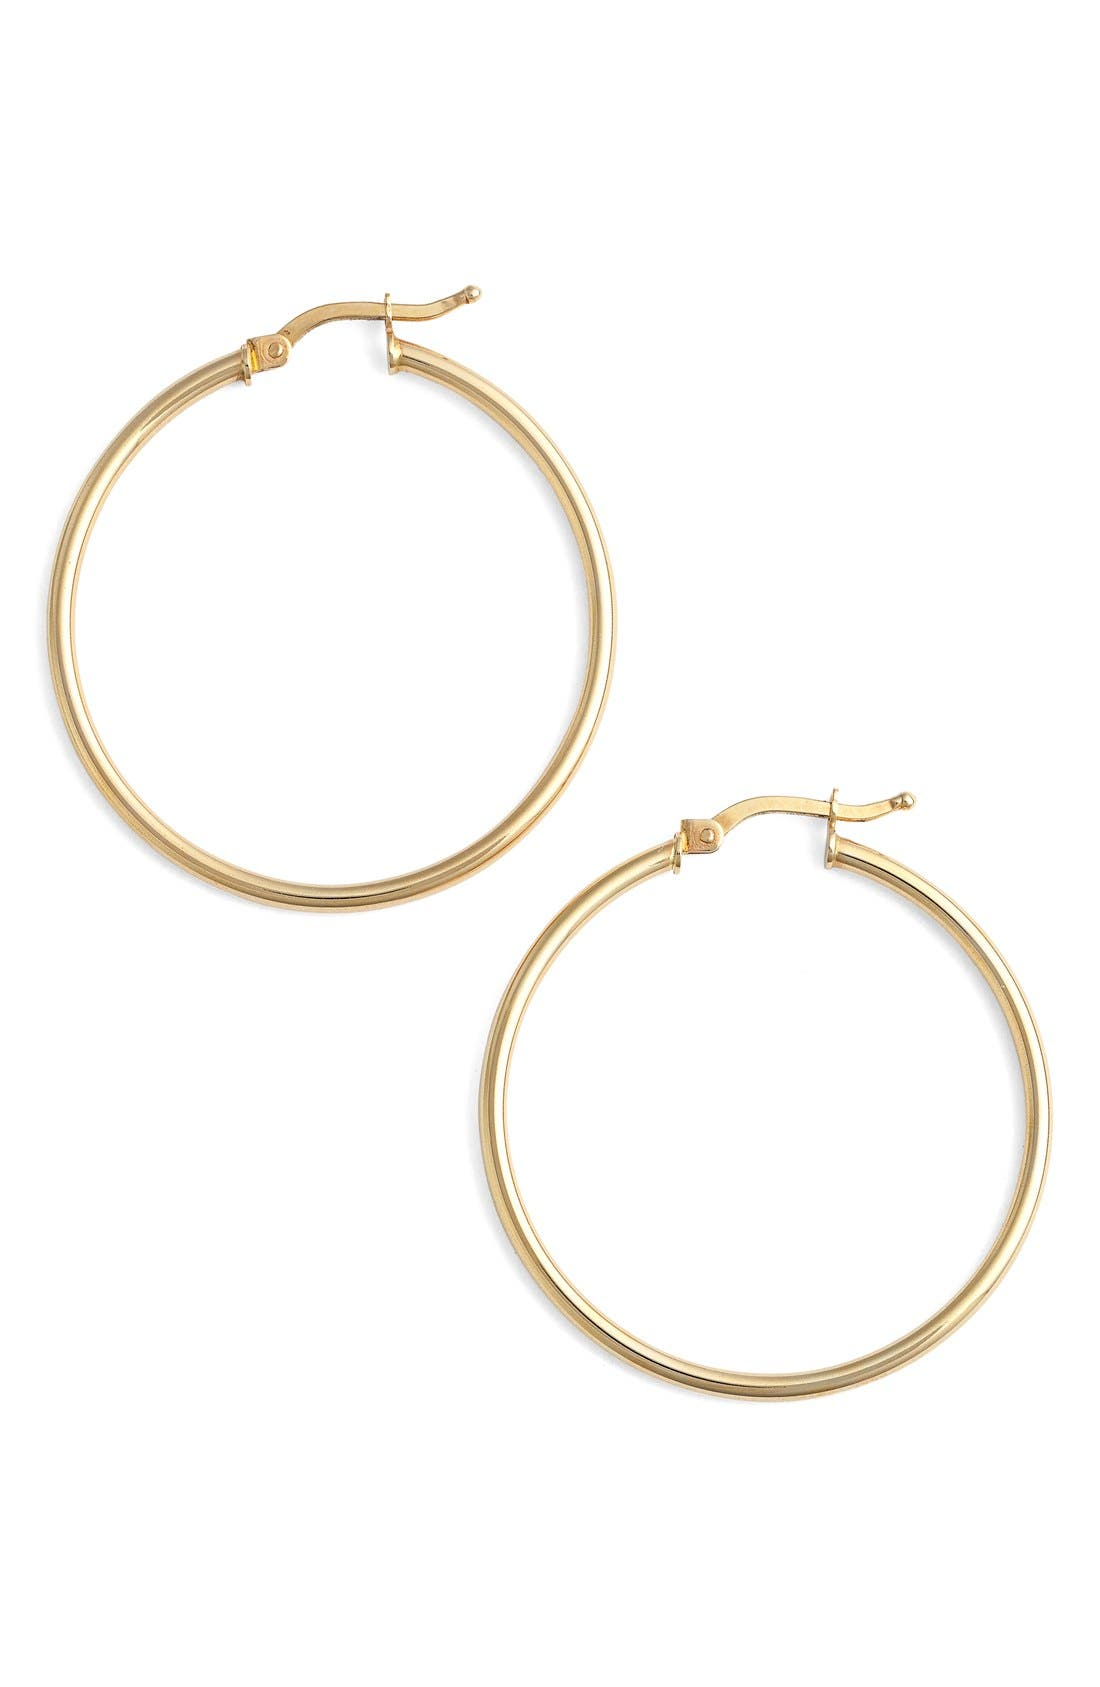 Main Image - Bony Levy 14k Gold Hoop Earrings (Nordstrom Exclusive)